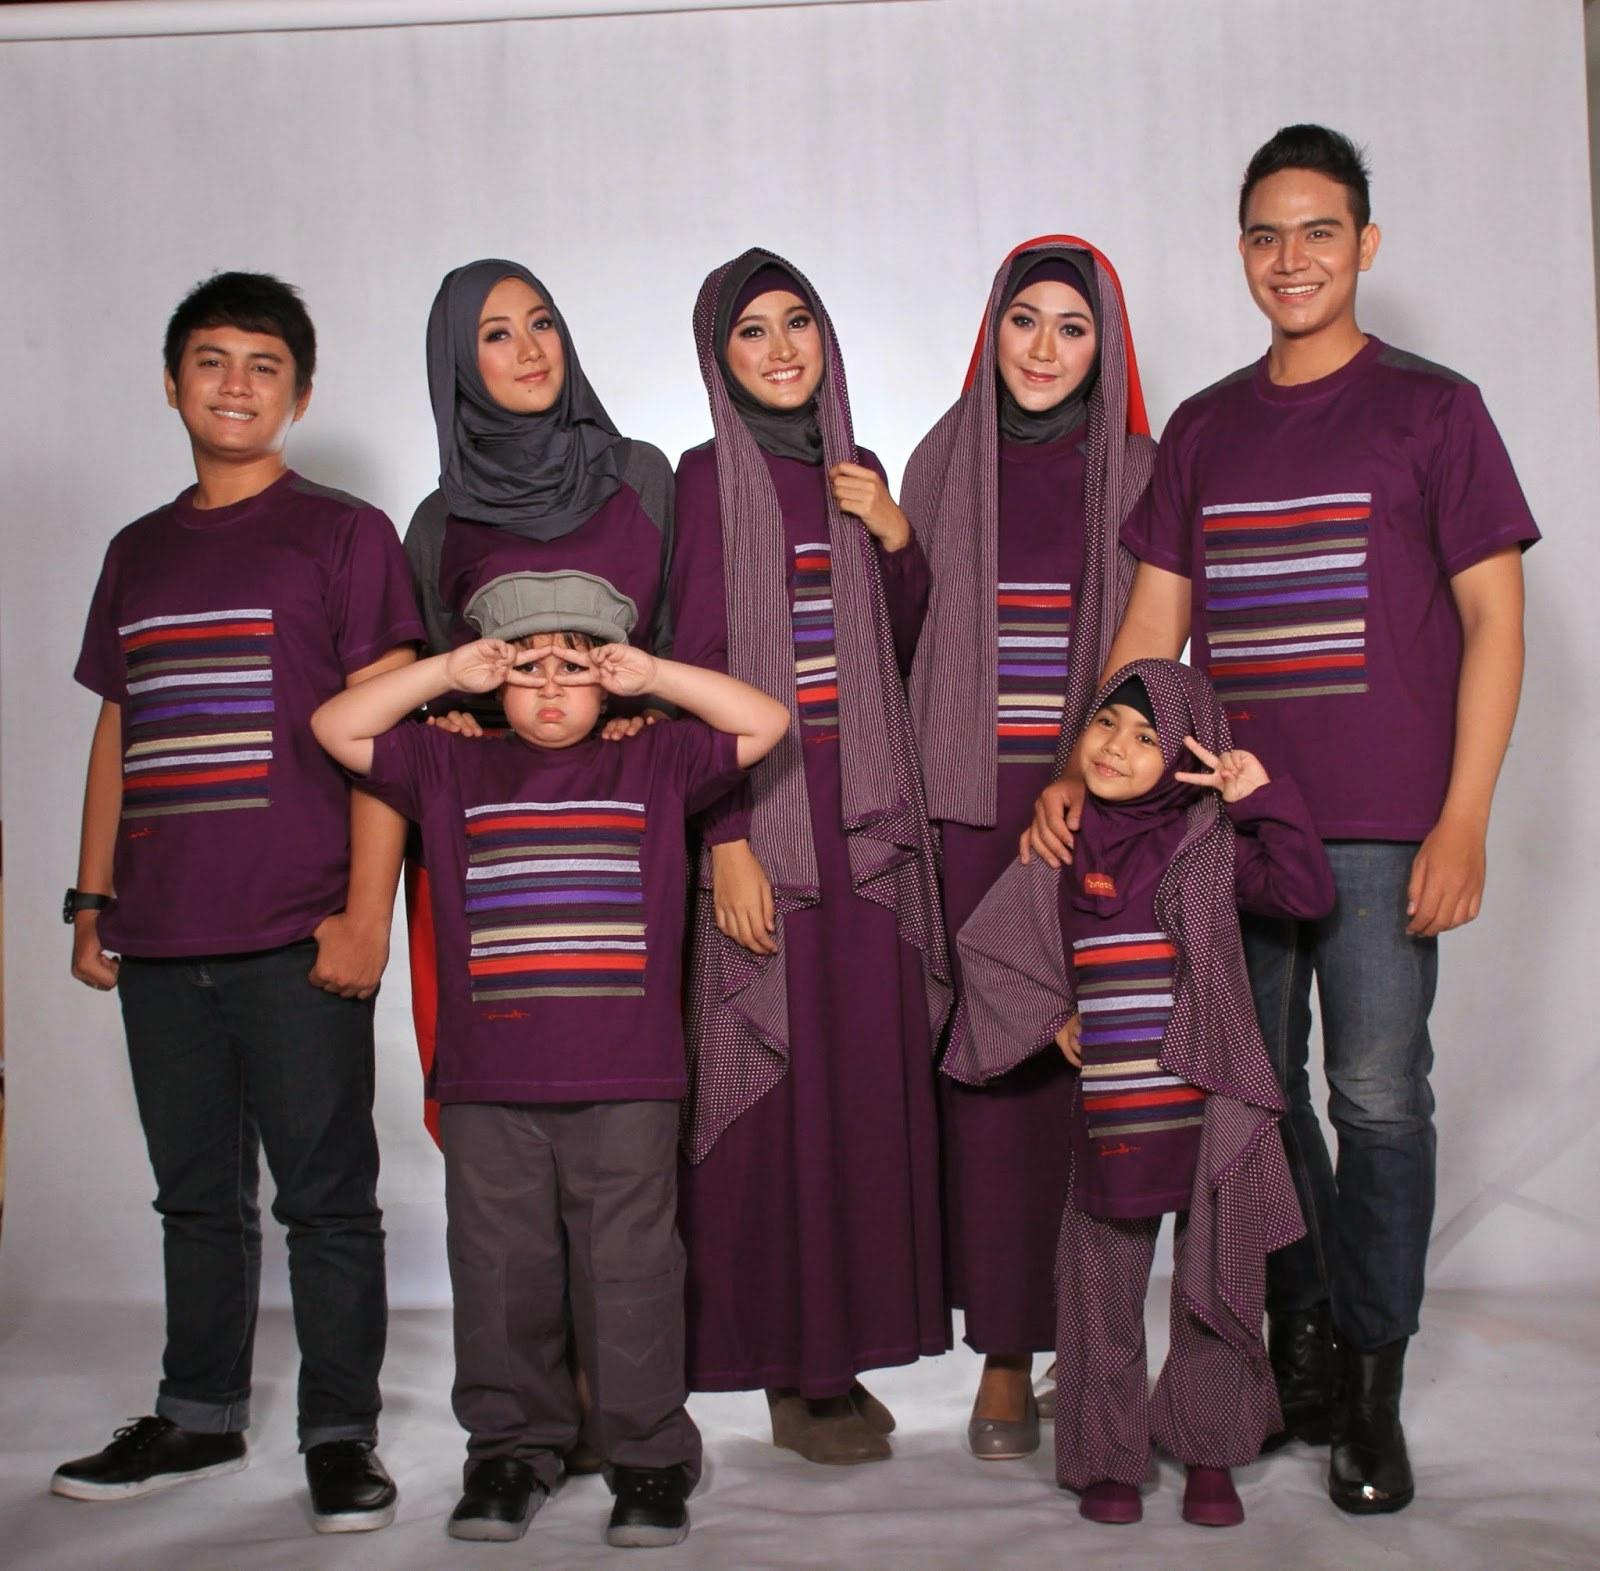 Ide Baju Lebaran Untuk Sekeluarga 9fdy 25 Model Baju Lebaran Keluarga 2018 Kompak & Modis